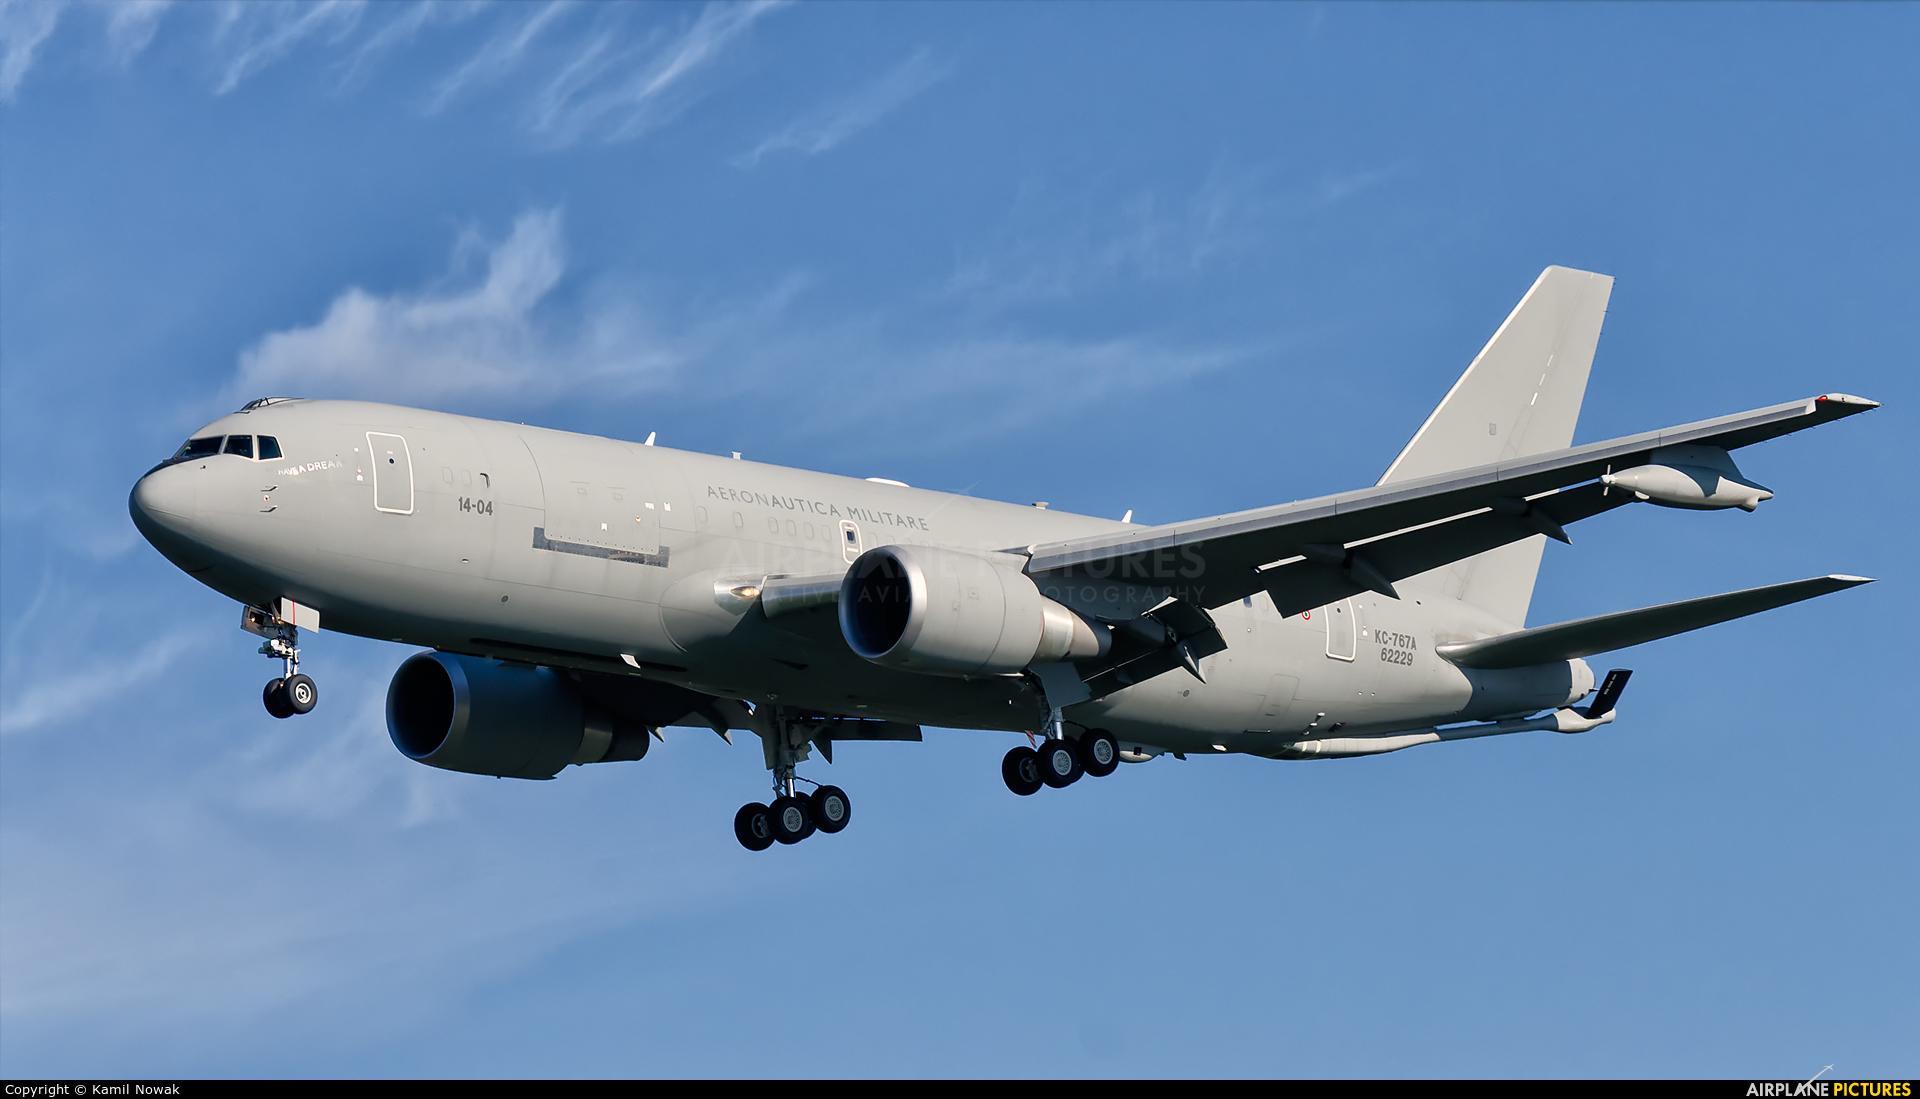 Italy - Air Force MM62229 aircraft at Kraków - John Paul II Intl